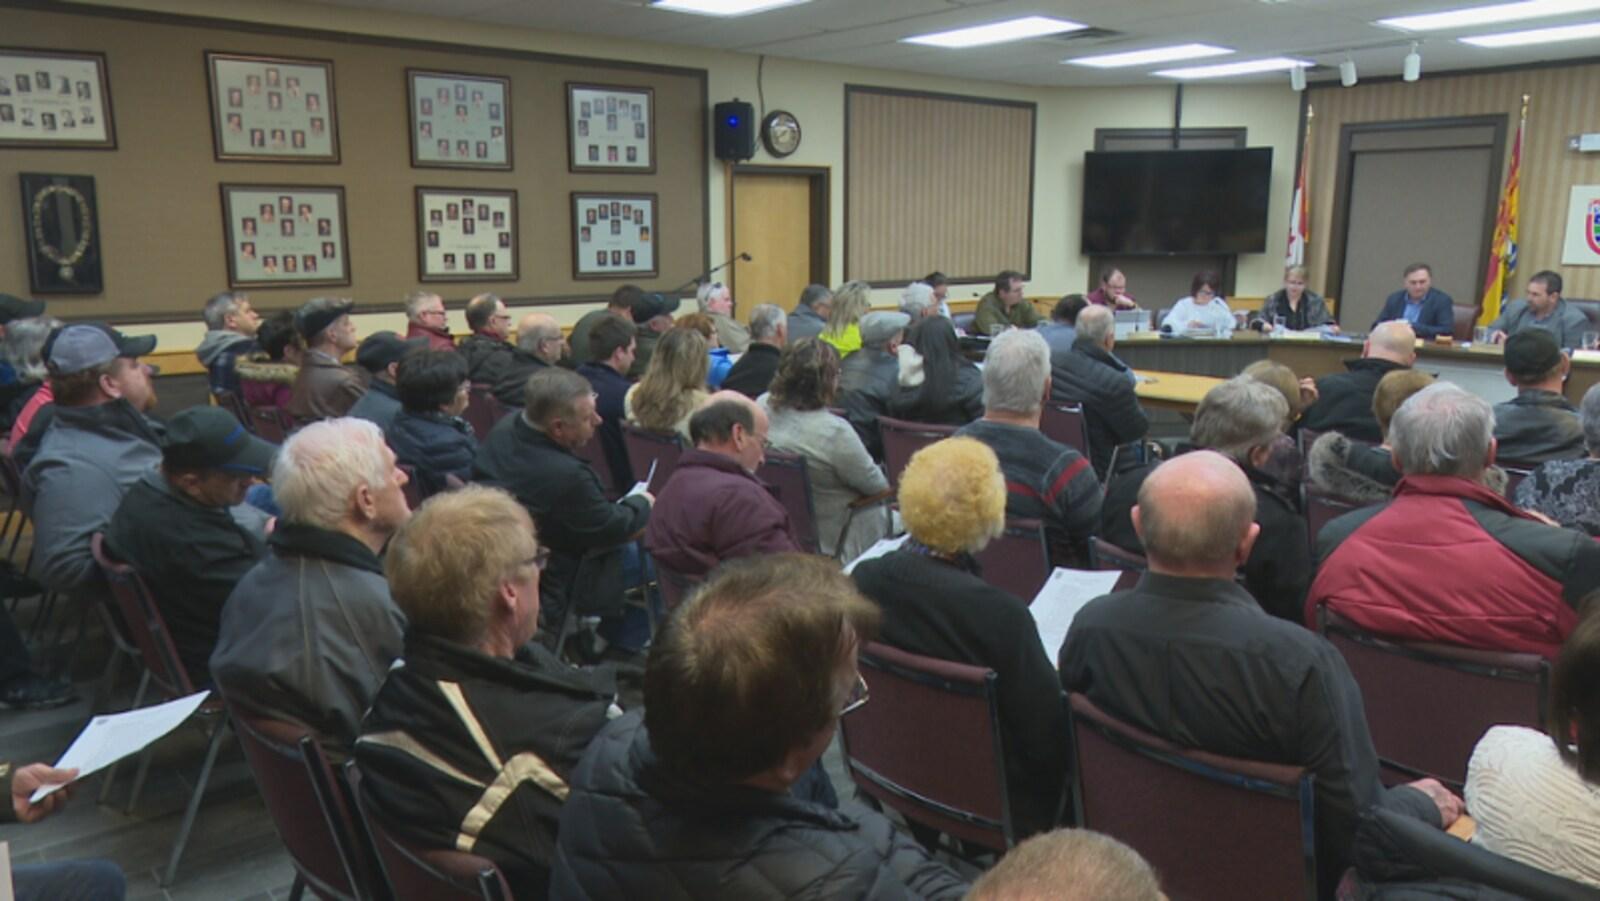 Des dizaines de citoyens assis dans la salle écoutent les conseillers débattre des affaires municipales.